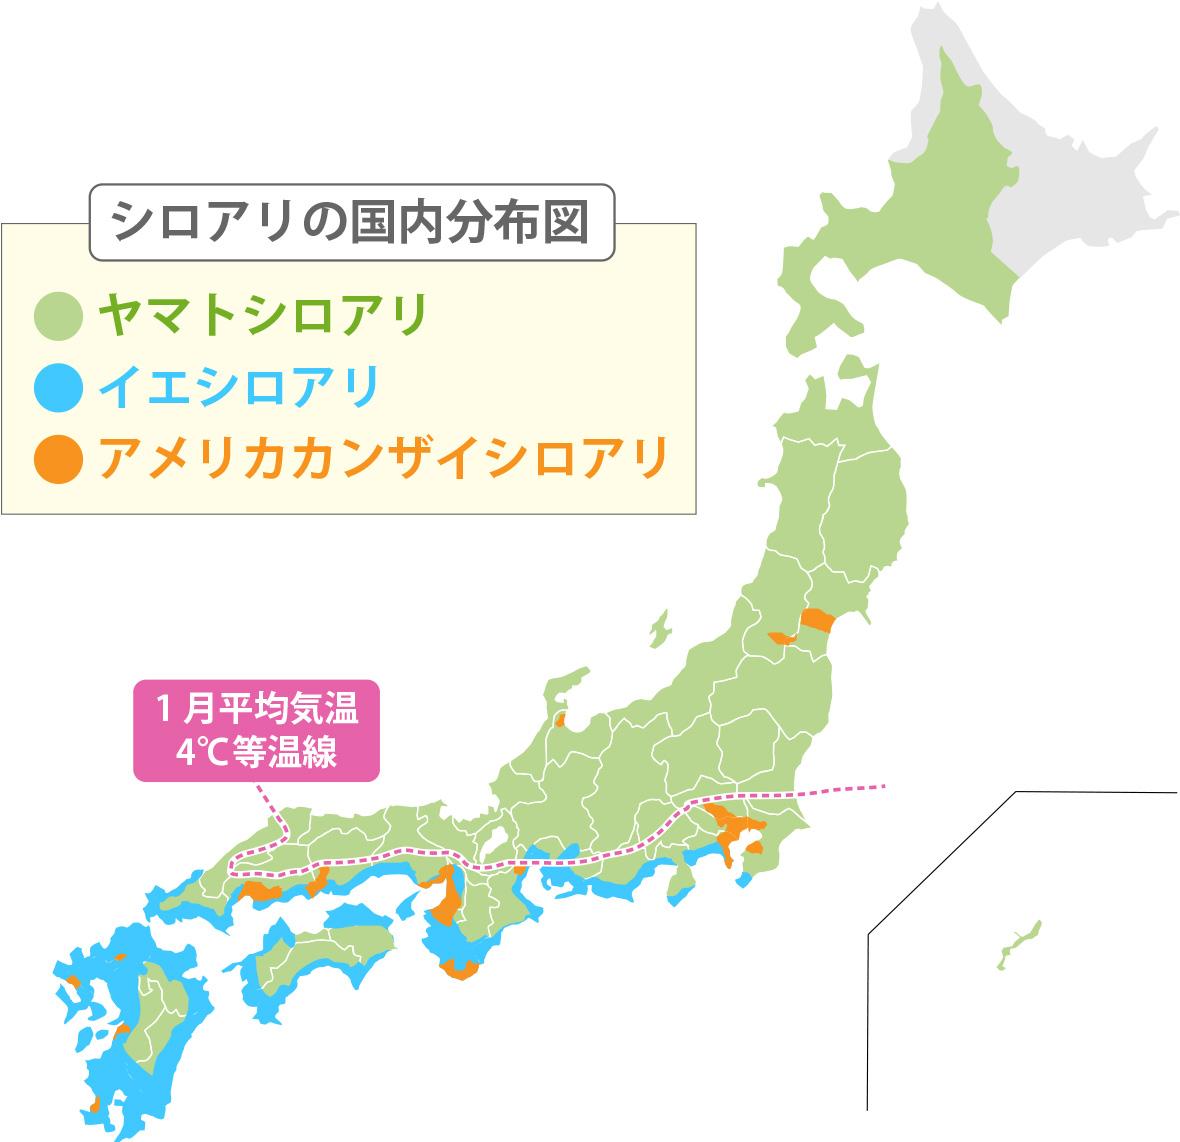 広島の新築・リフォーム・増改築「プレザーホーム」 シロアリの国内分布図